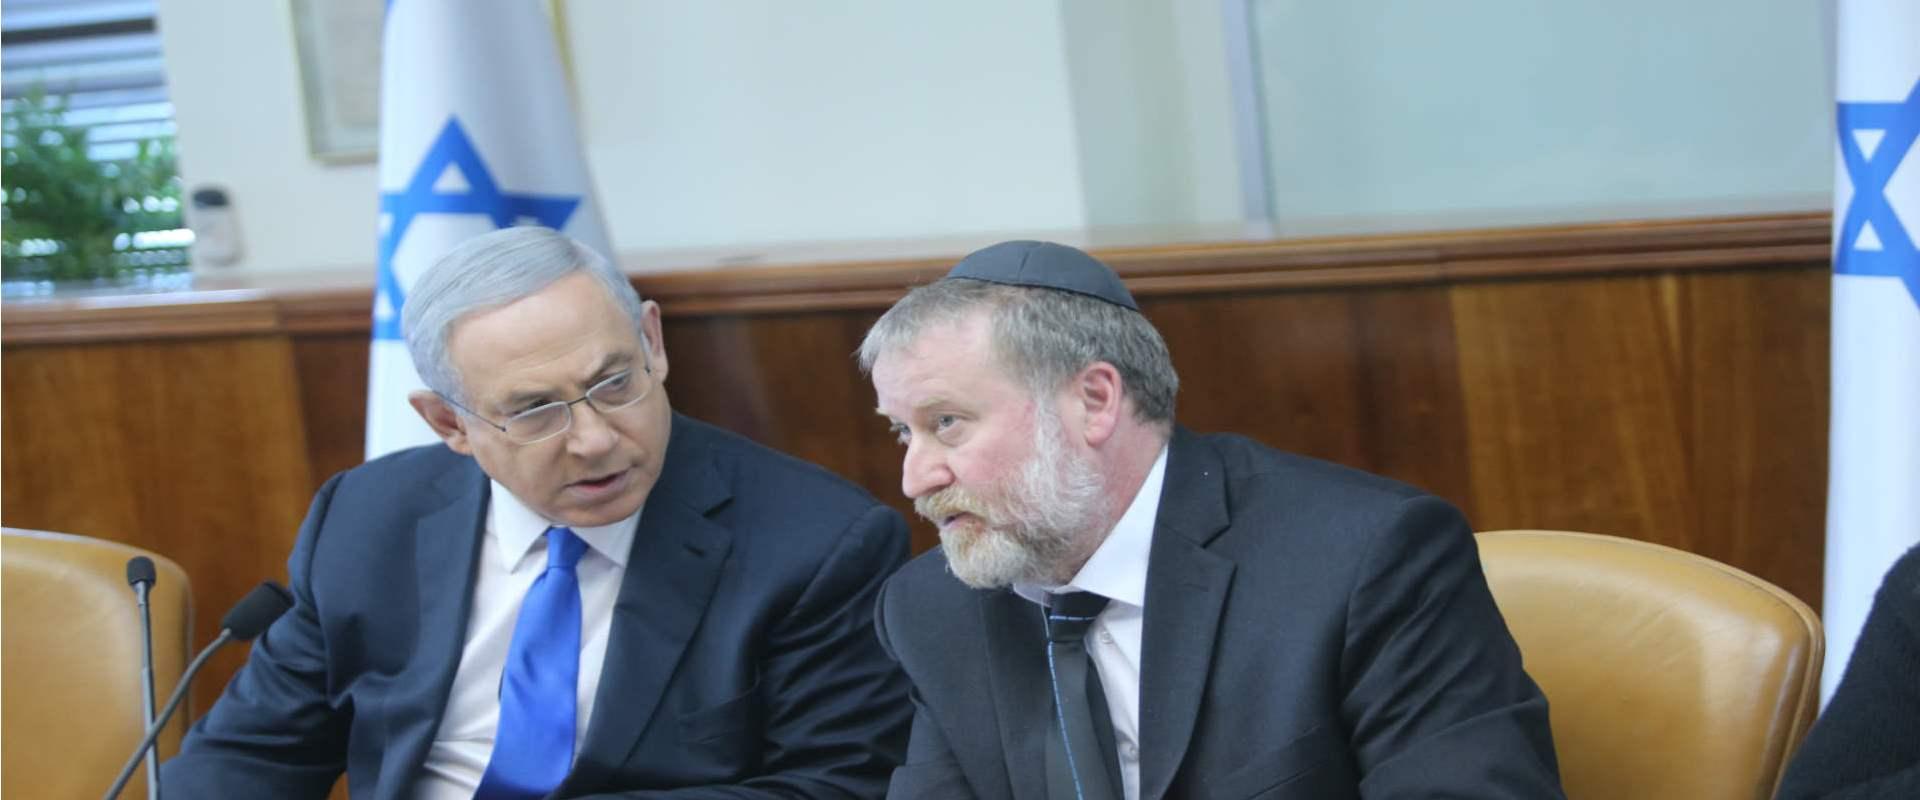 היועץ המשפטי לממשלה אביחי מנדלבליט לצד ראש הממשלה